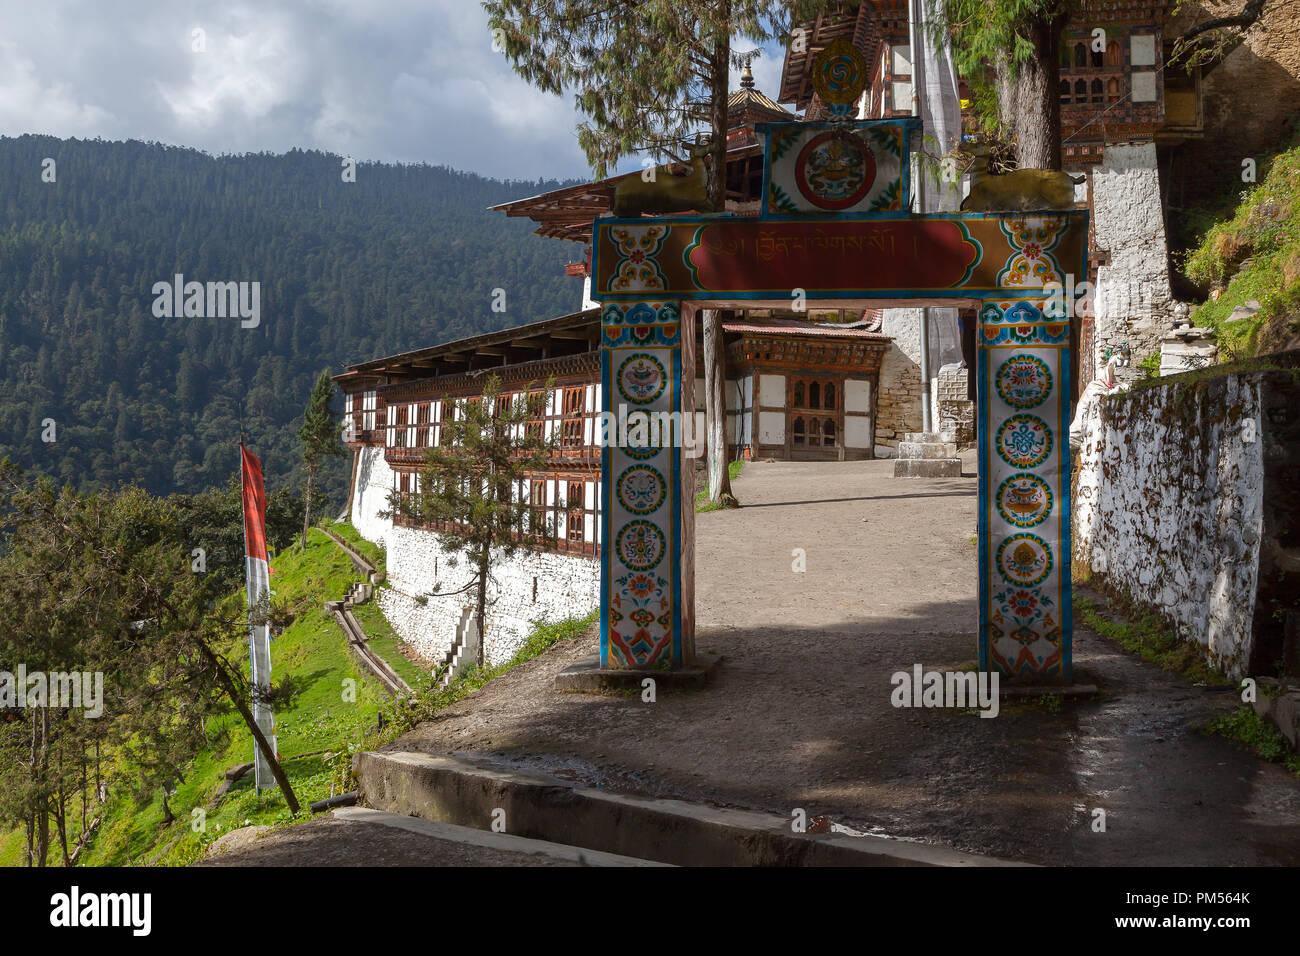 Stunning view from Cheri Monastery, in Bhutan. - Stock Image